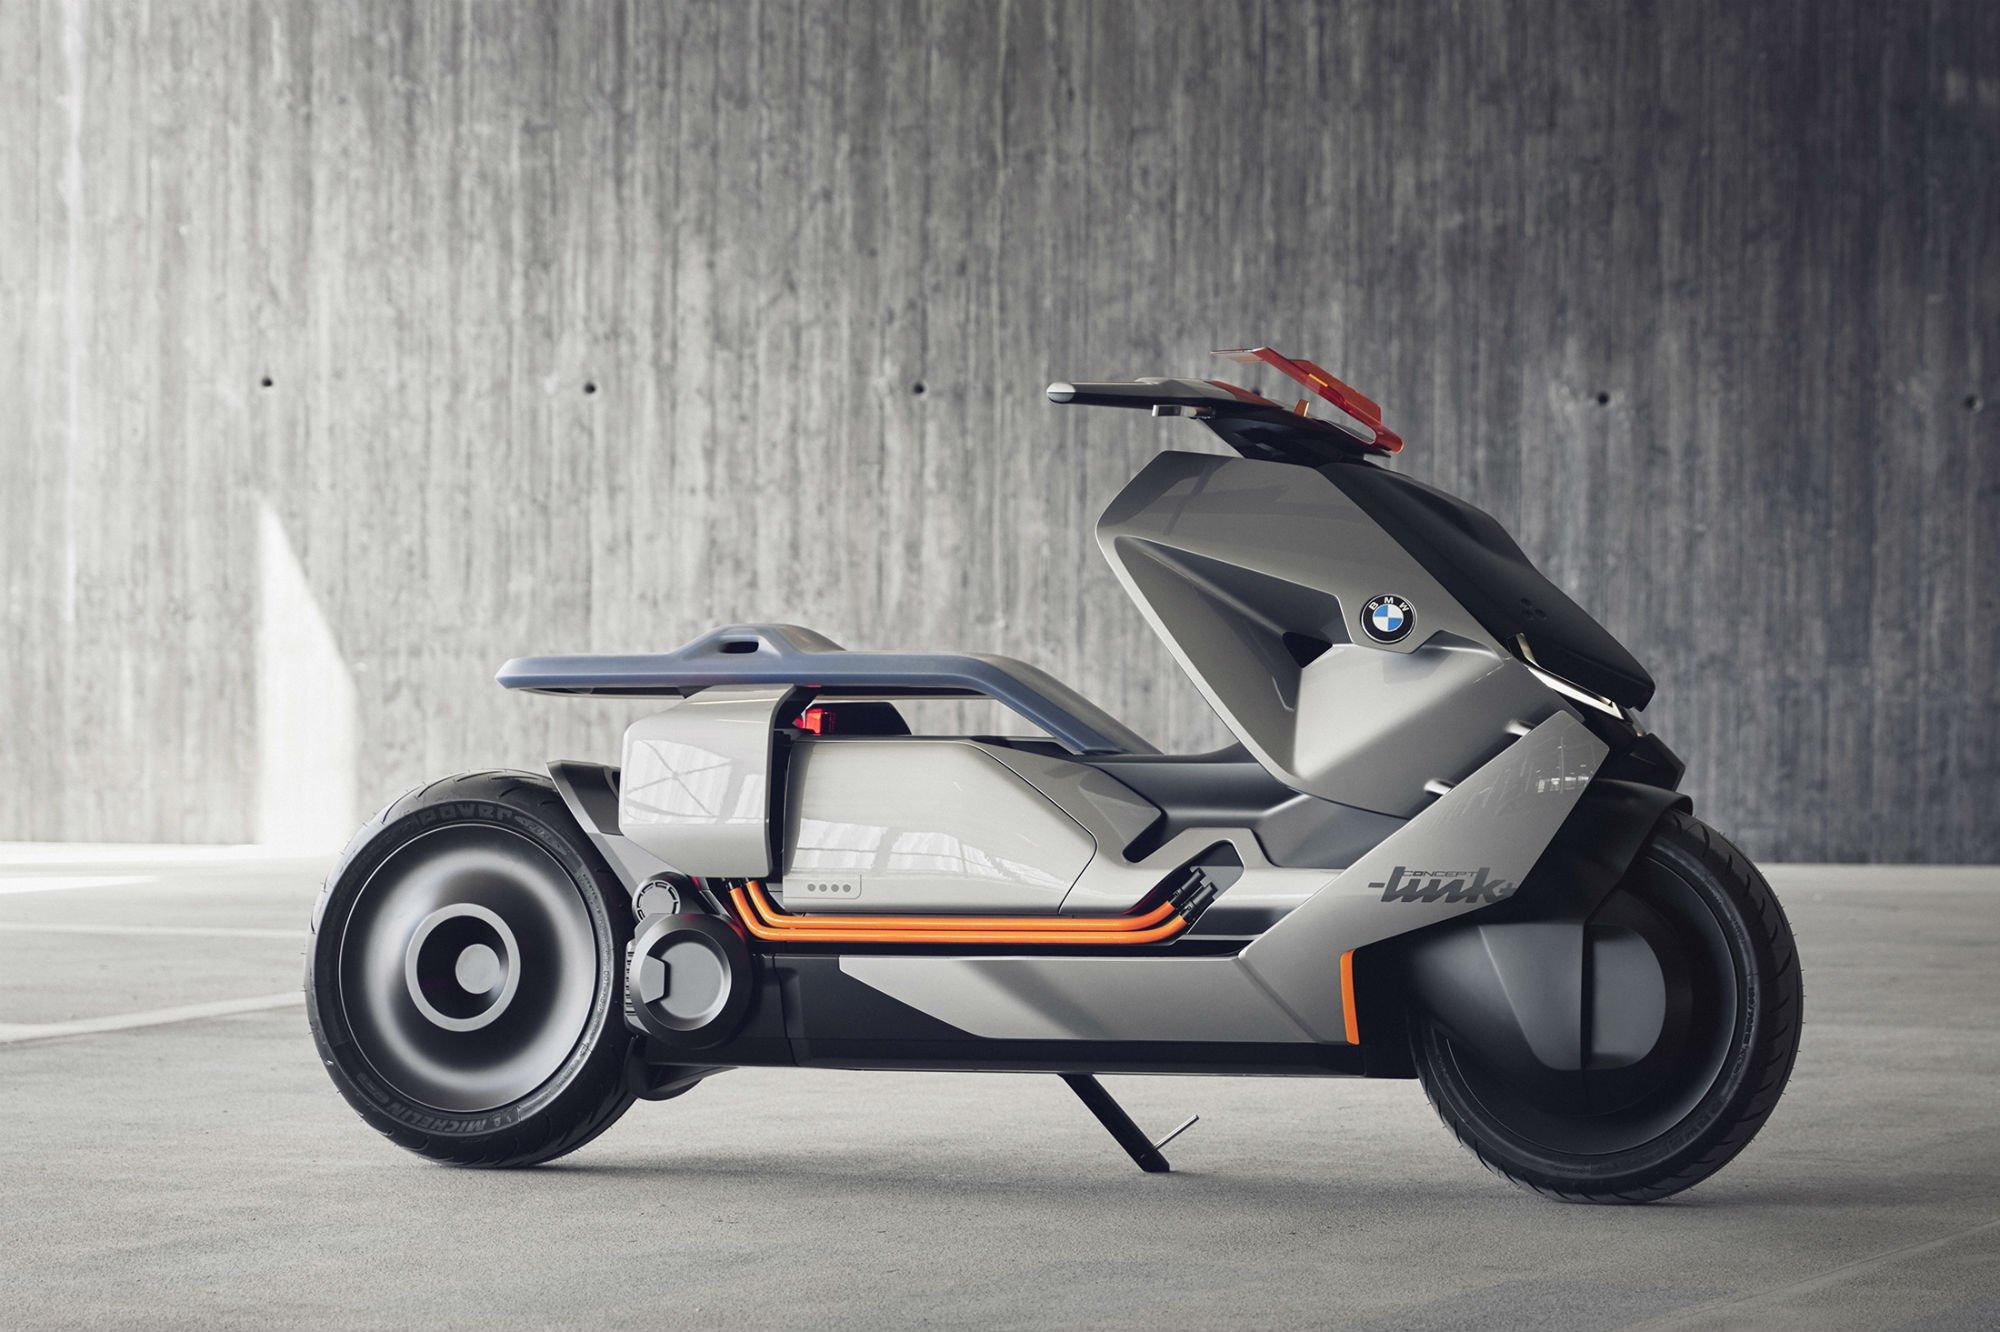 BMW şirkəti, Concept Link adlı gələcəyin elektroskuterini təqdim edib (VİDEO)